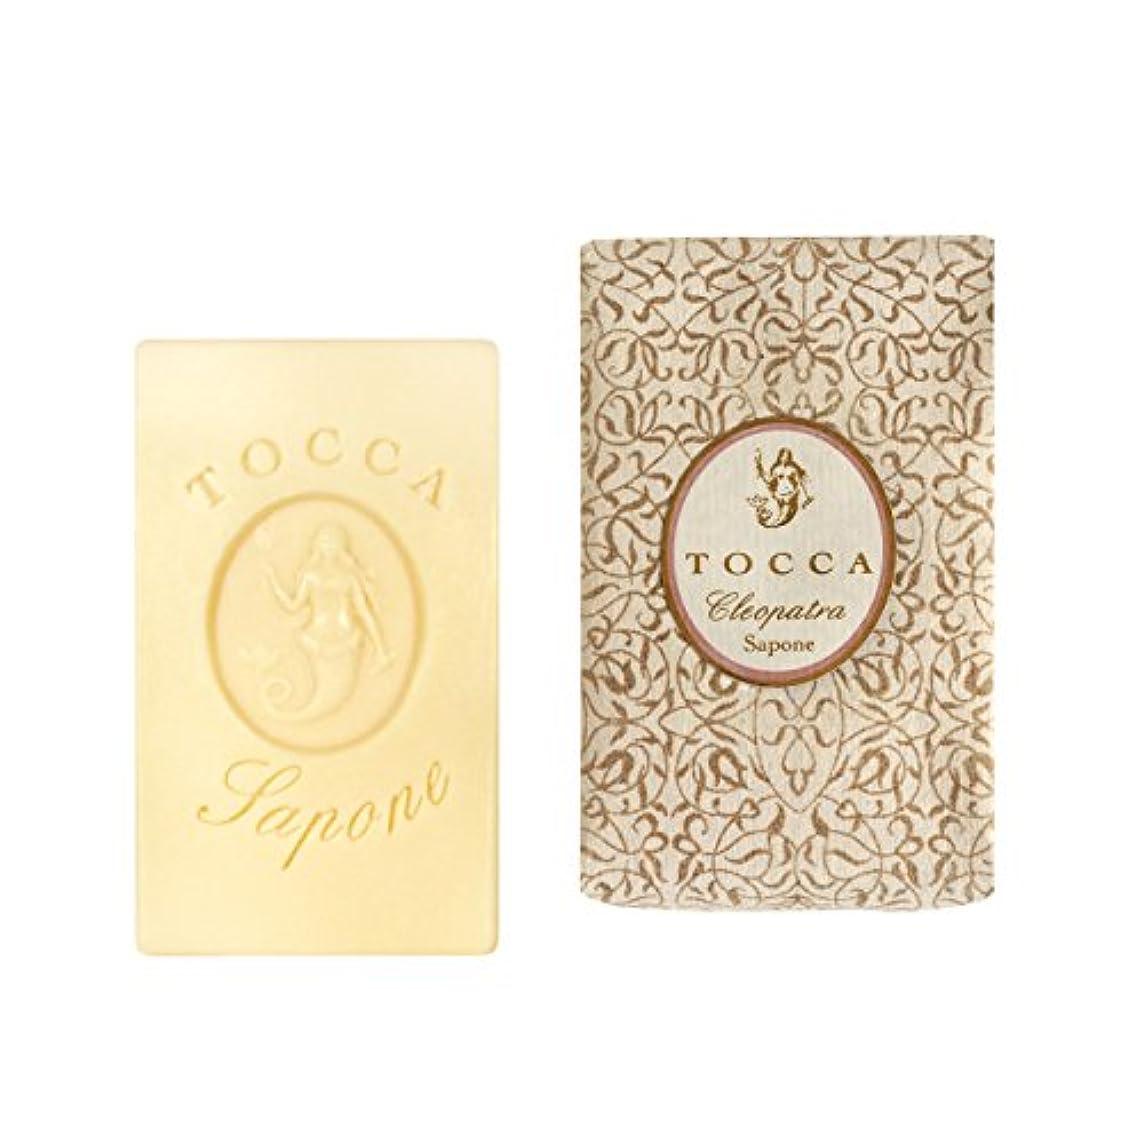 懸念北米幽霊トッカ(TOCCA) ソープバー クレオパトラの香り 113g(石けん 化粧石けん グレープフルーツとキューカンバーのフレッシュでクリーンな香り)